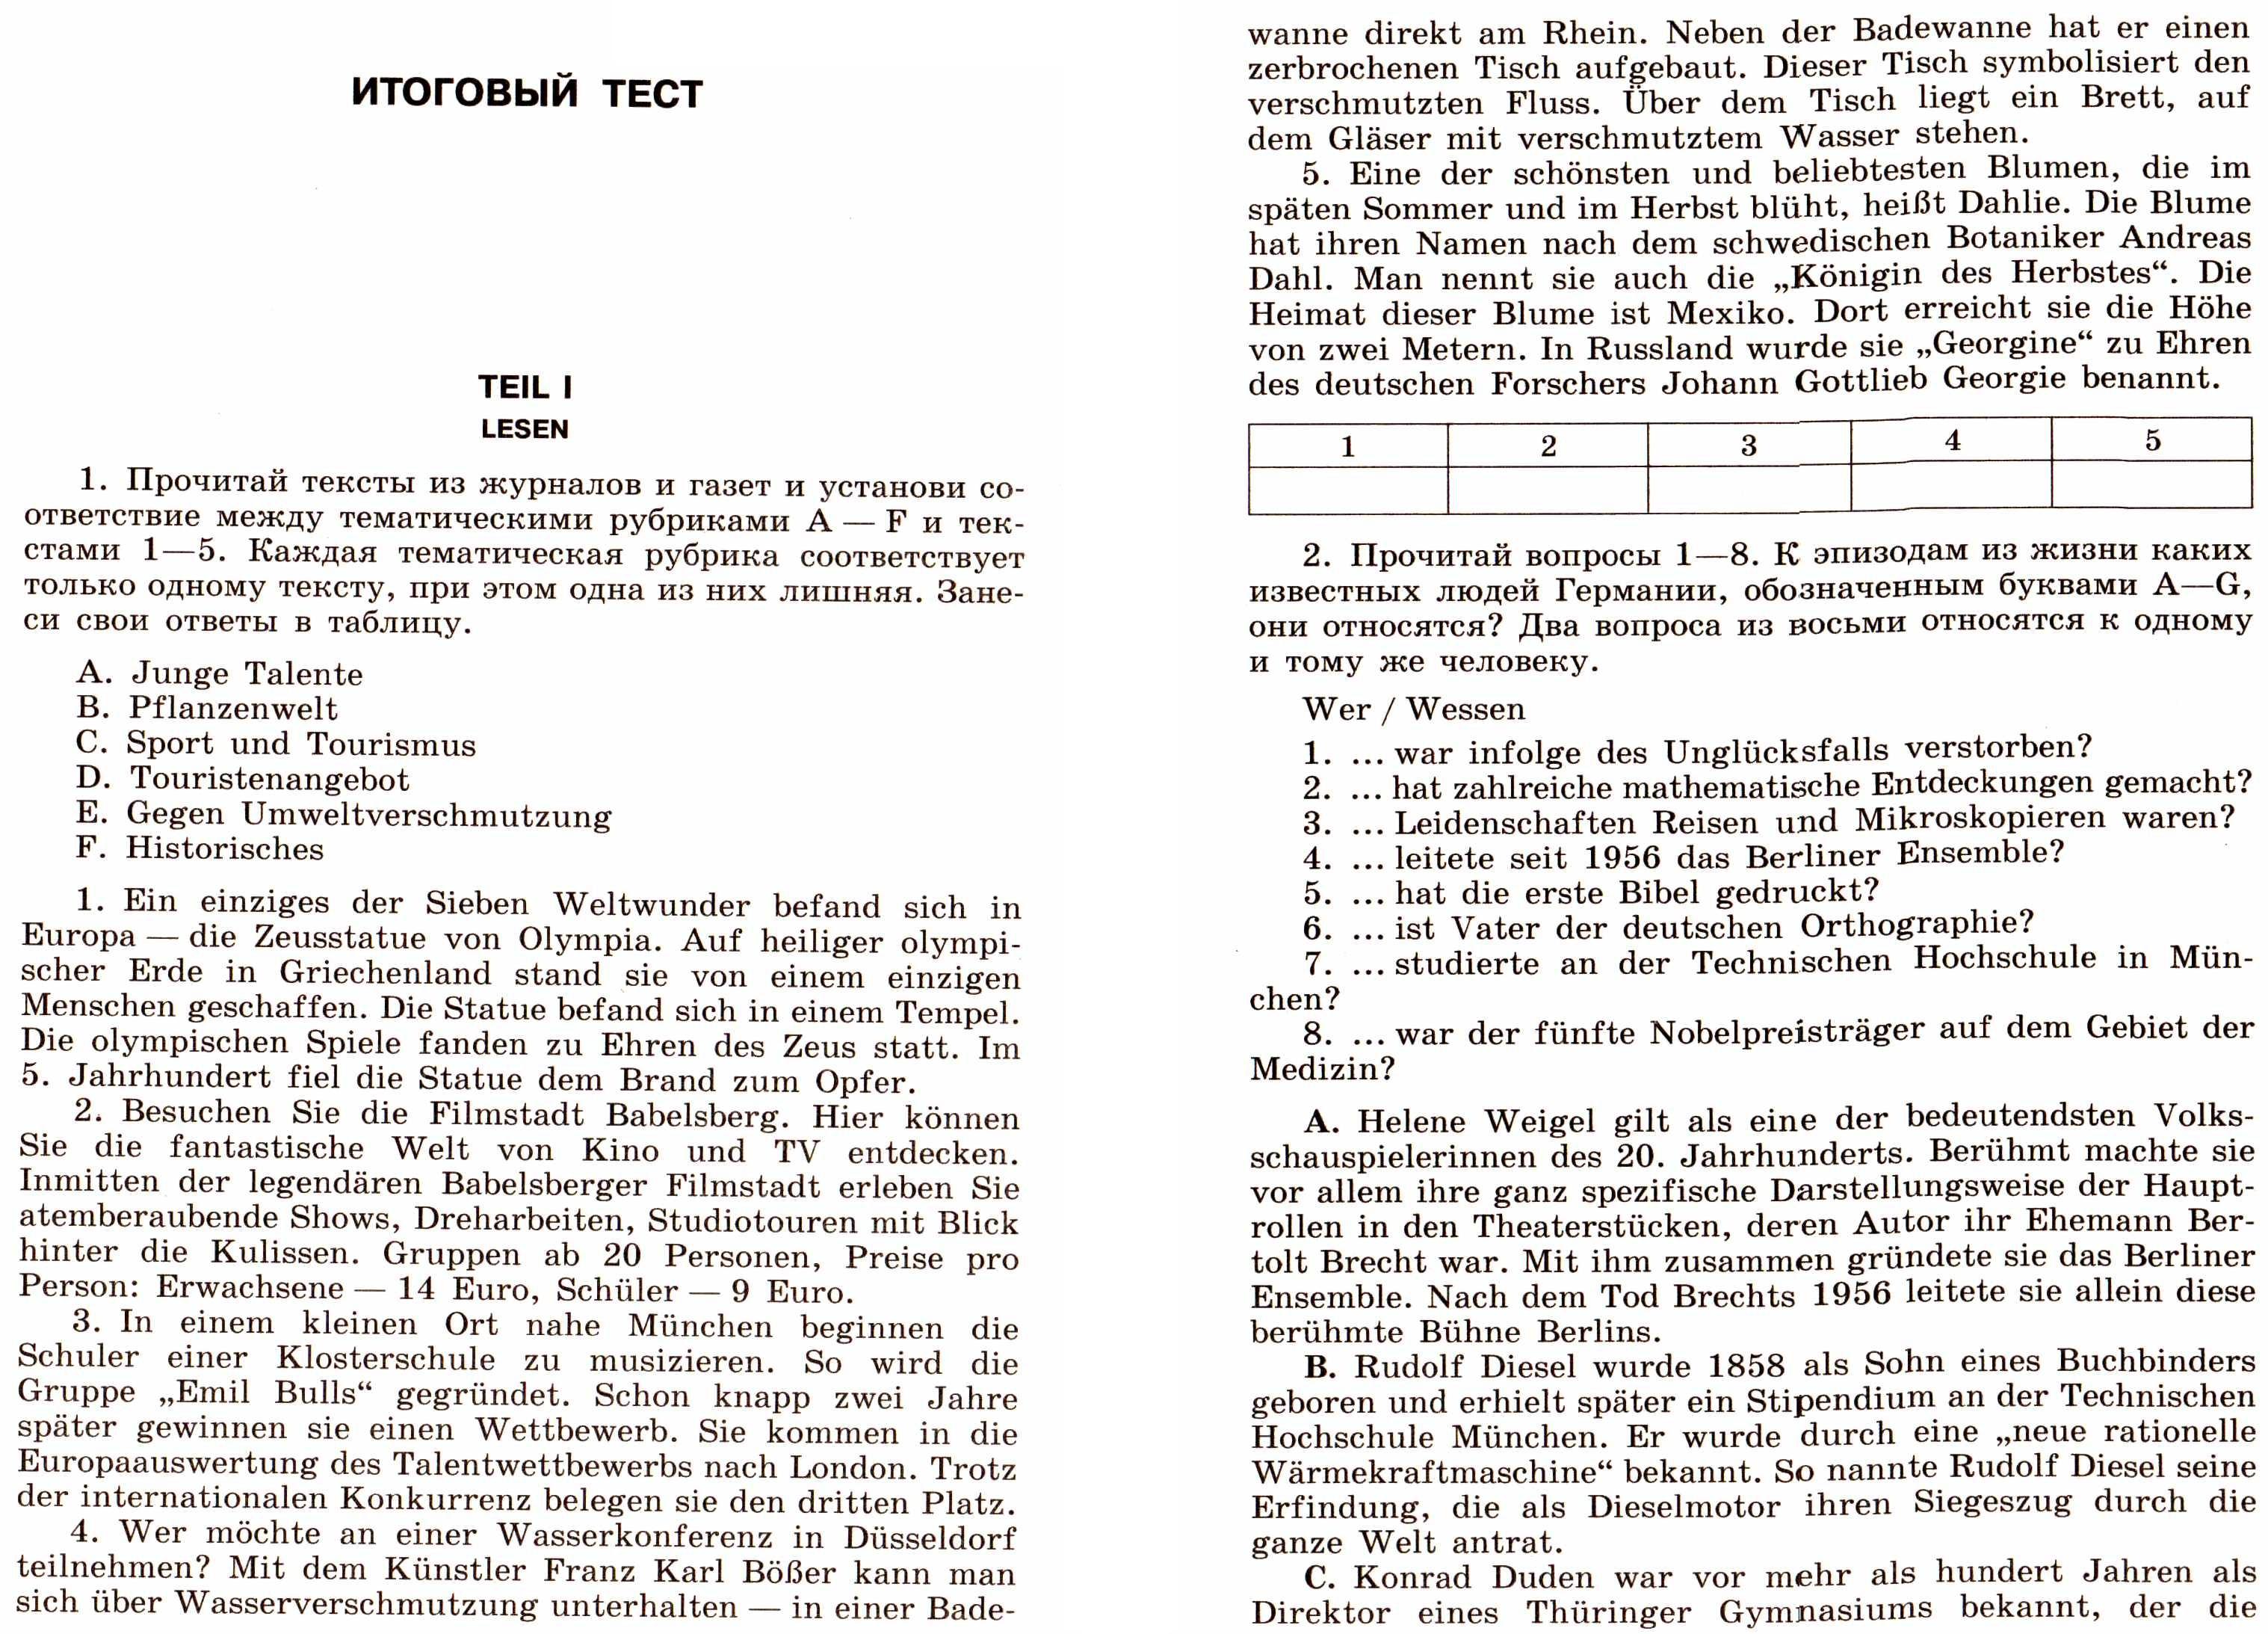 итоговый тест по литературе 10 класс с ответами